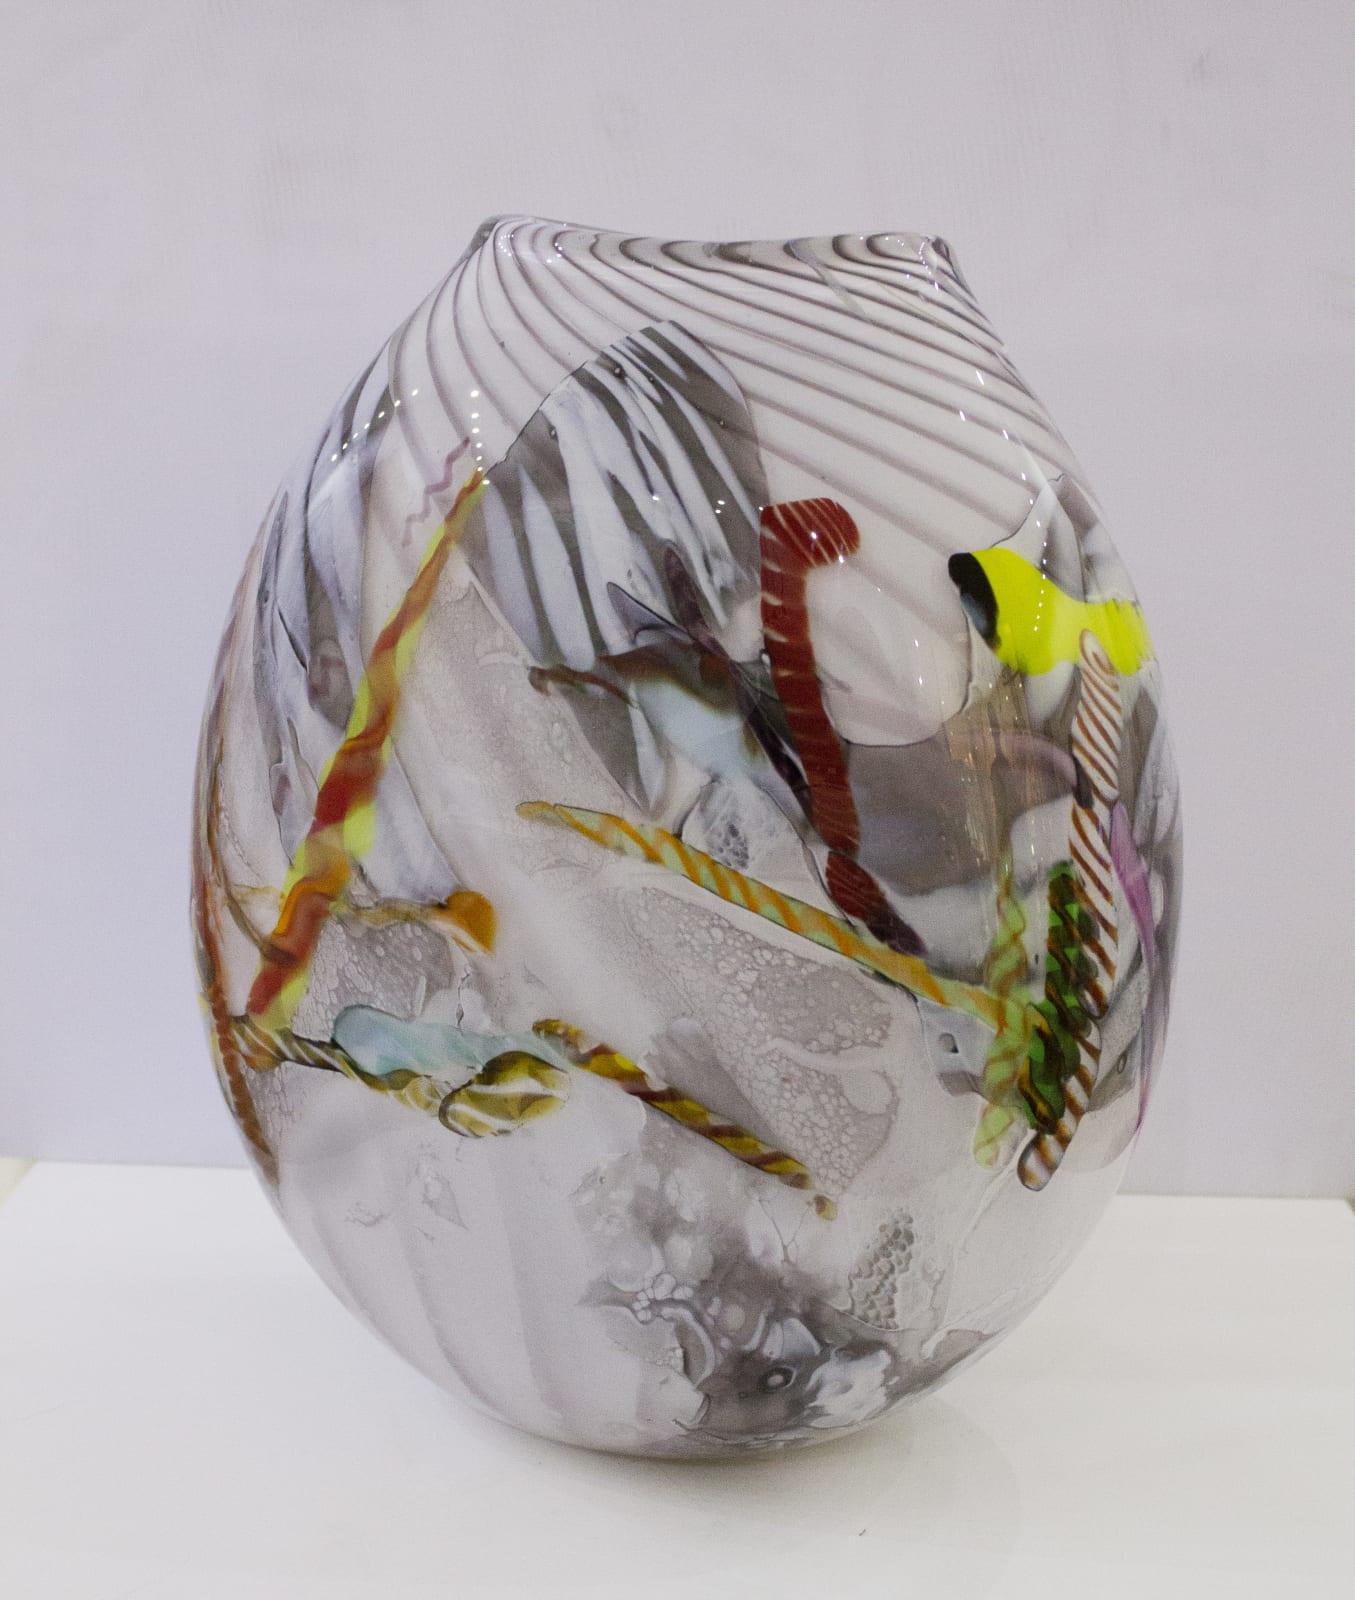 Maxi Pretorius, Vase(Grey), 2018